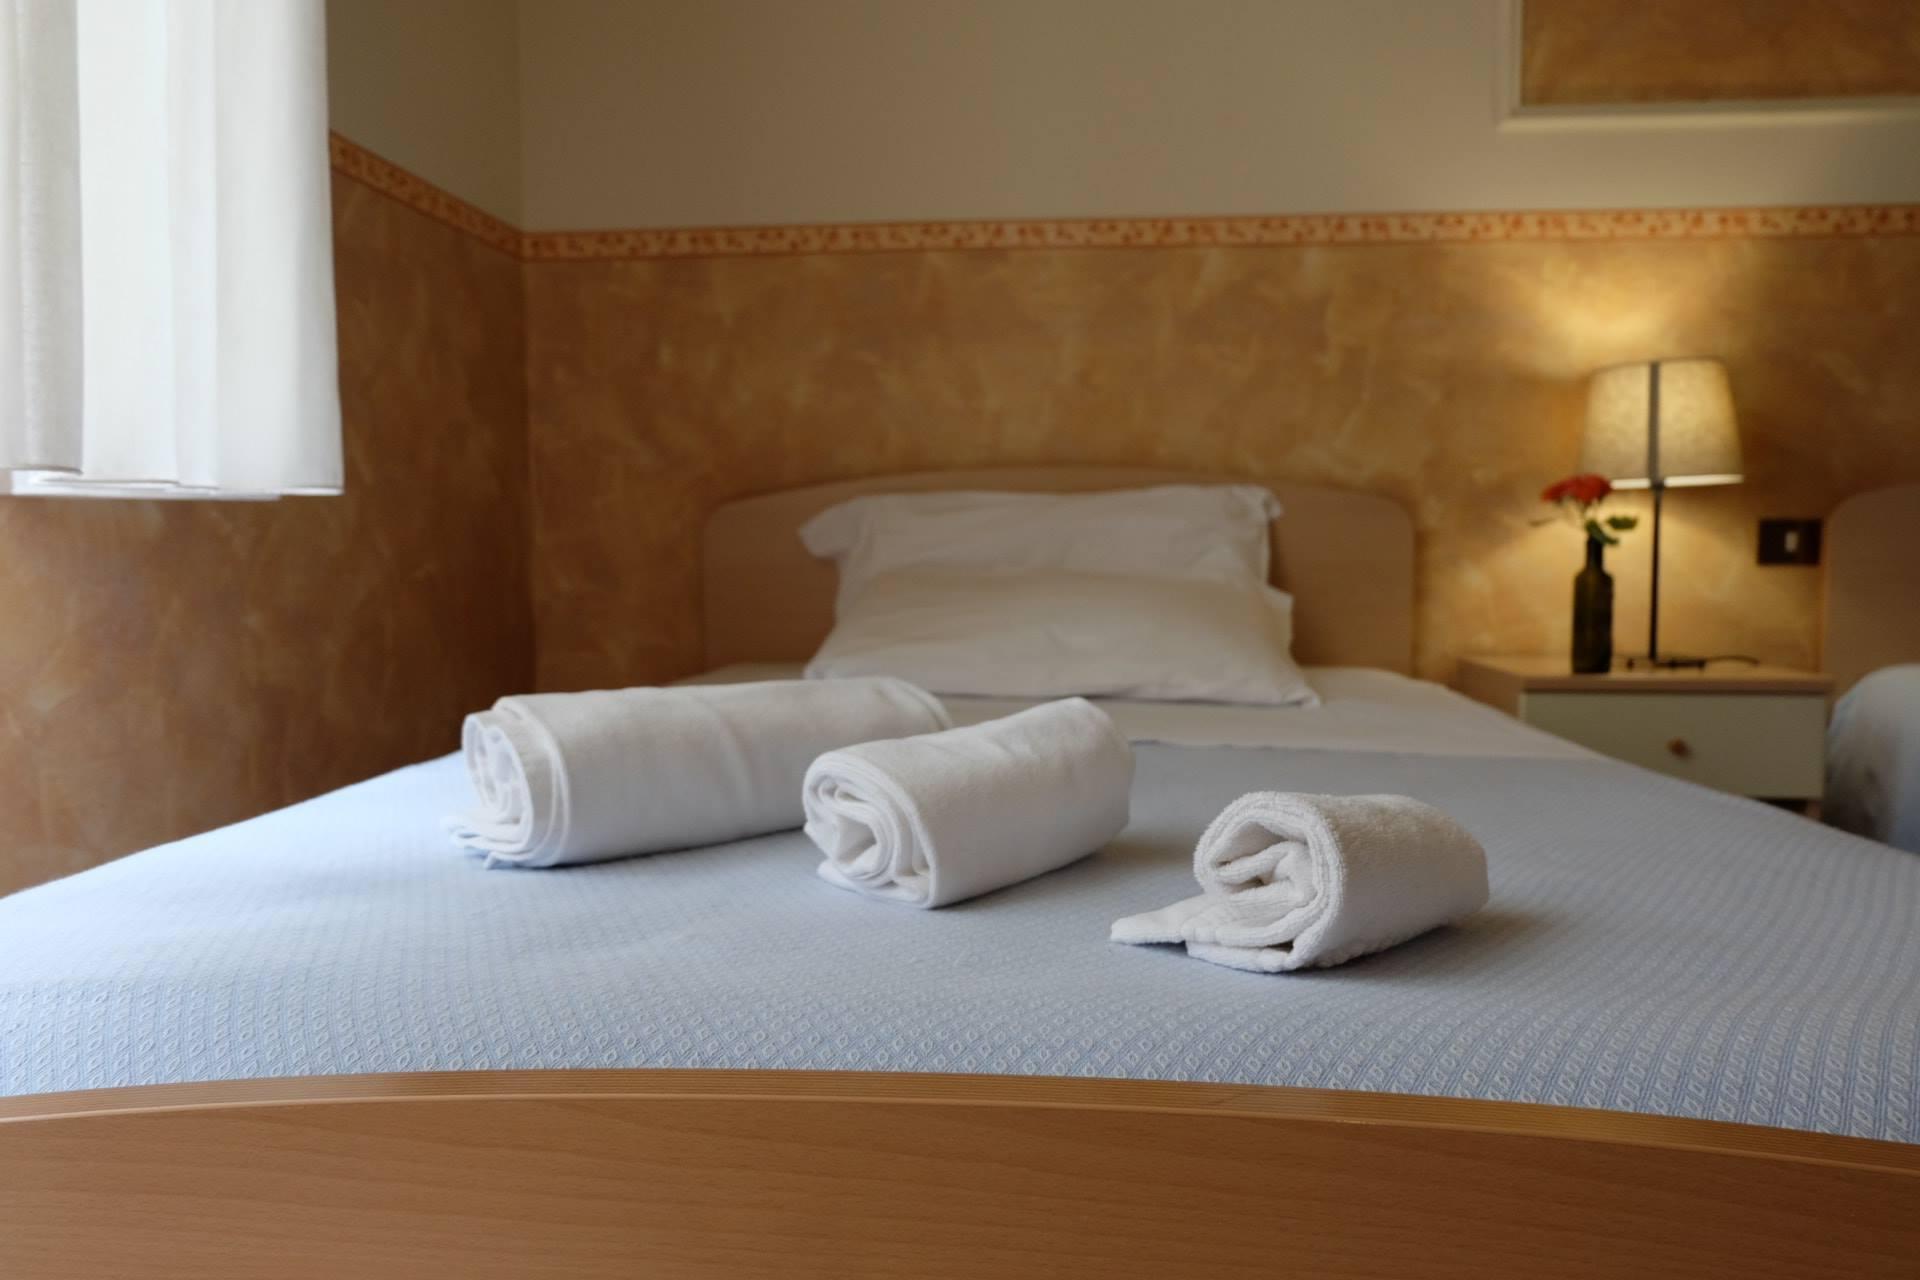 galleria foto camere hostel il tetto melfi ostello dormire soggiorno vacanze basilicata8